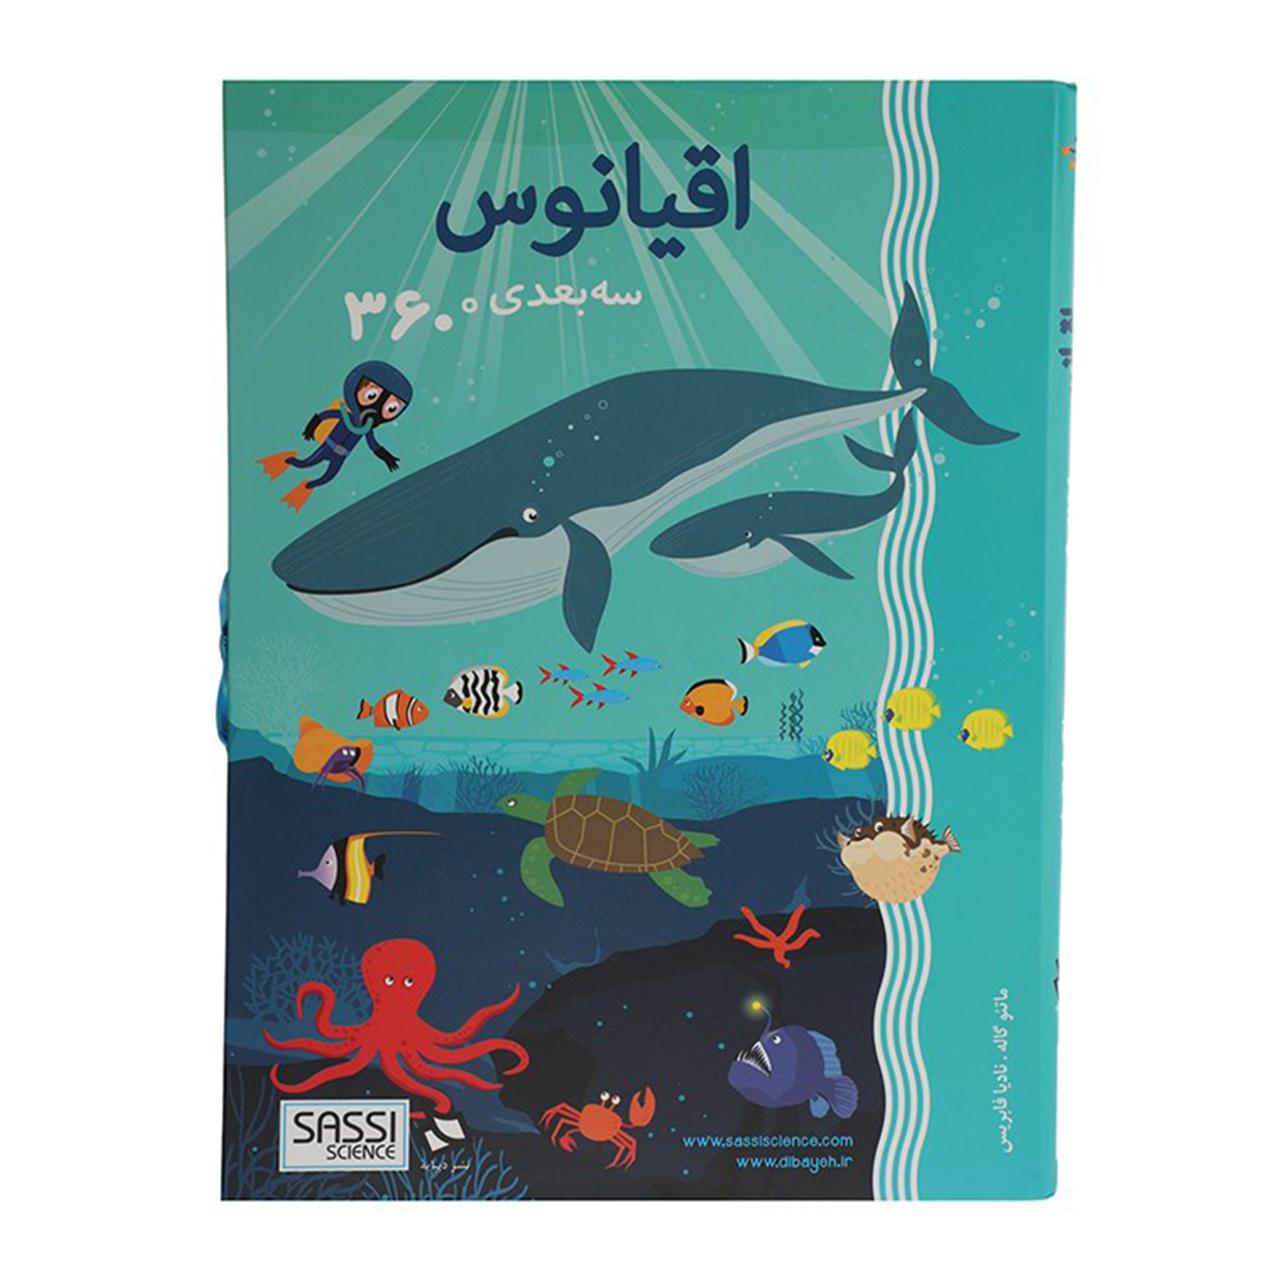 کتاب اقیانوس سه بعدی